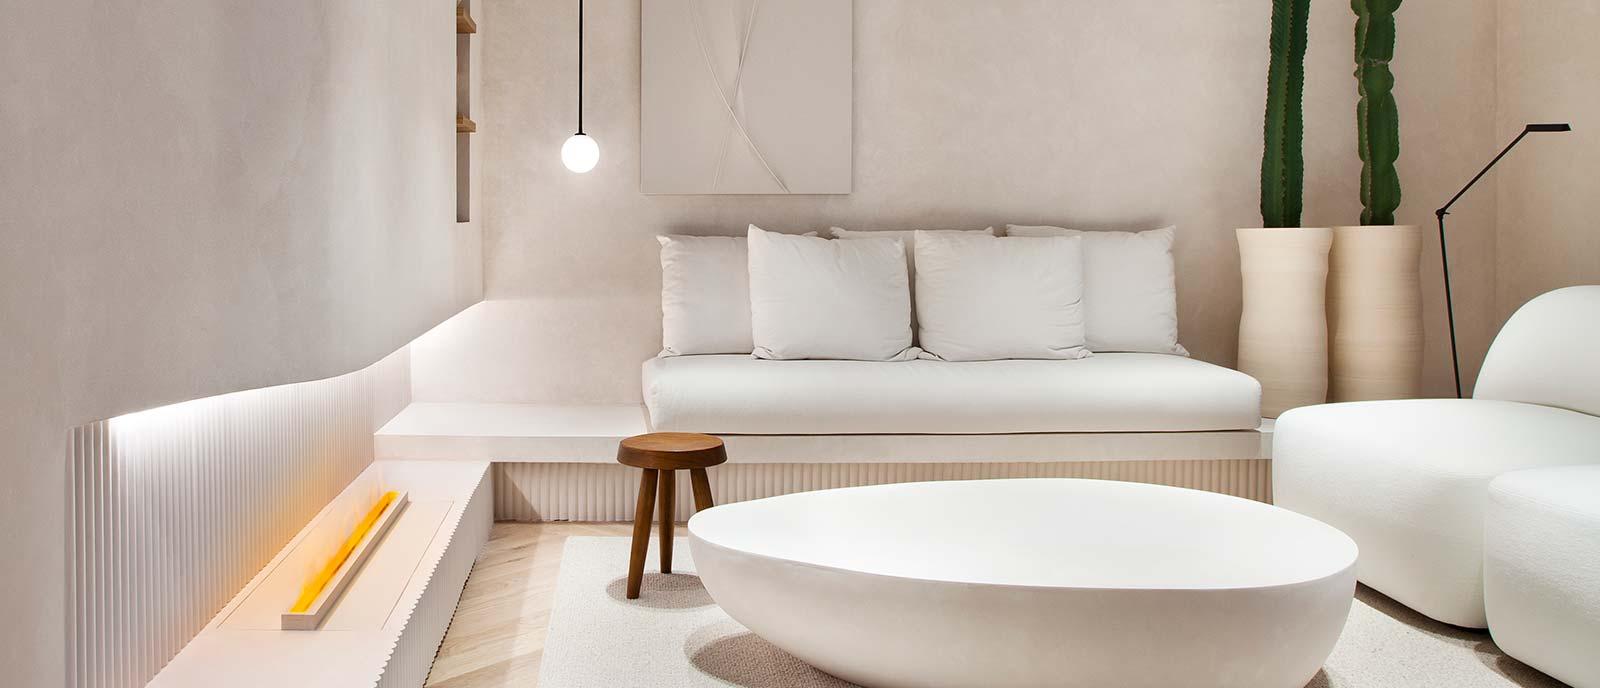 Espacio Sofía Oliva Arquitectura – Salón «Lienzo en blanco»